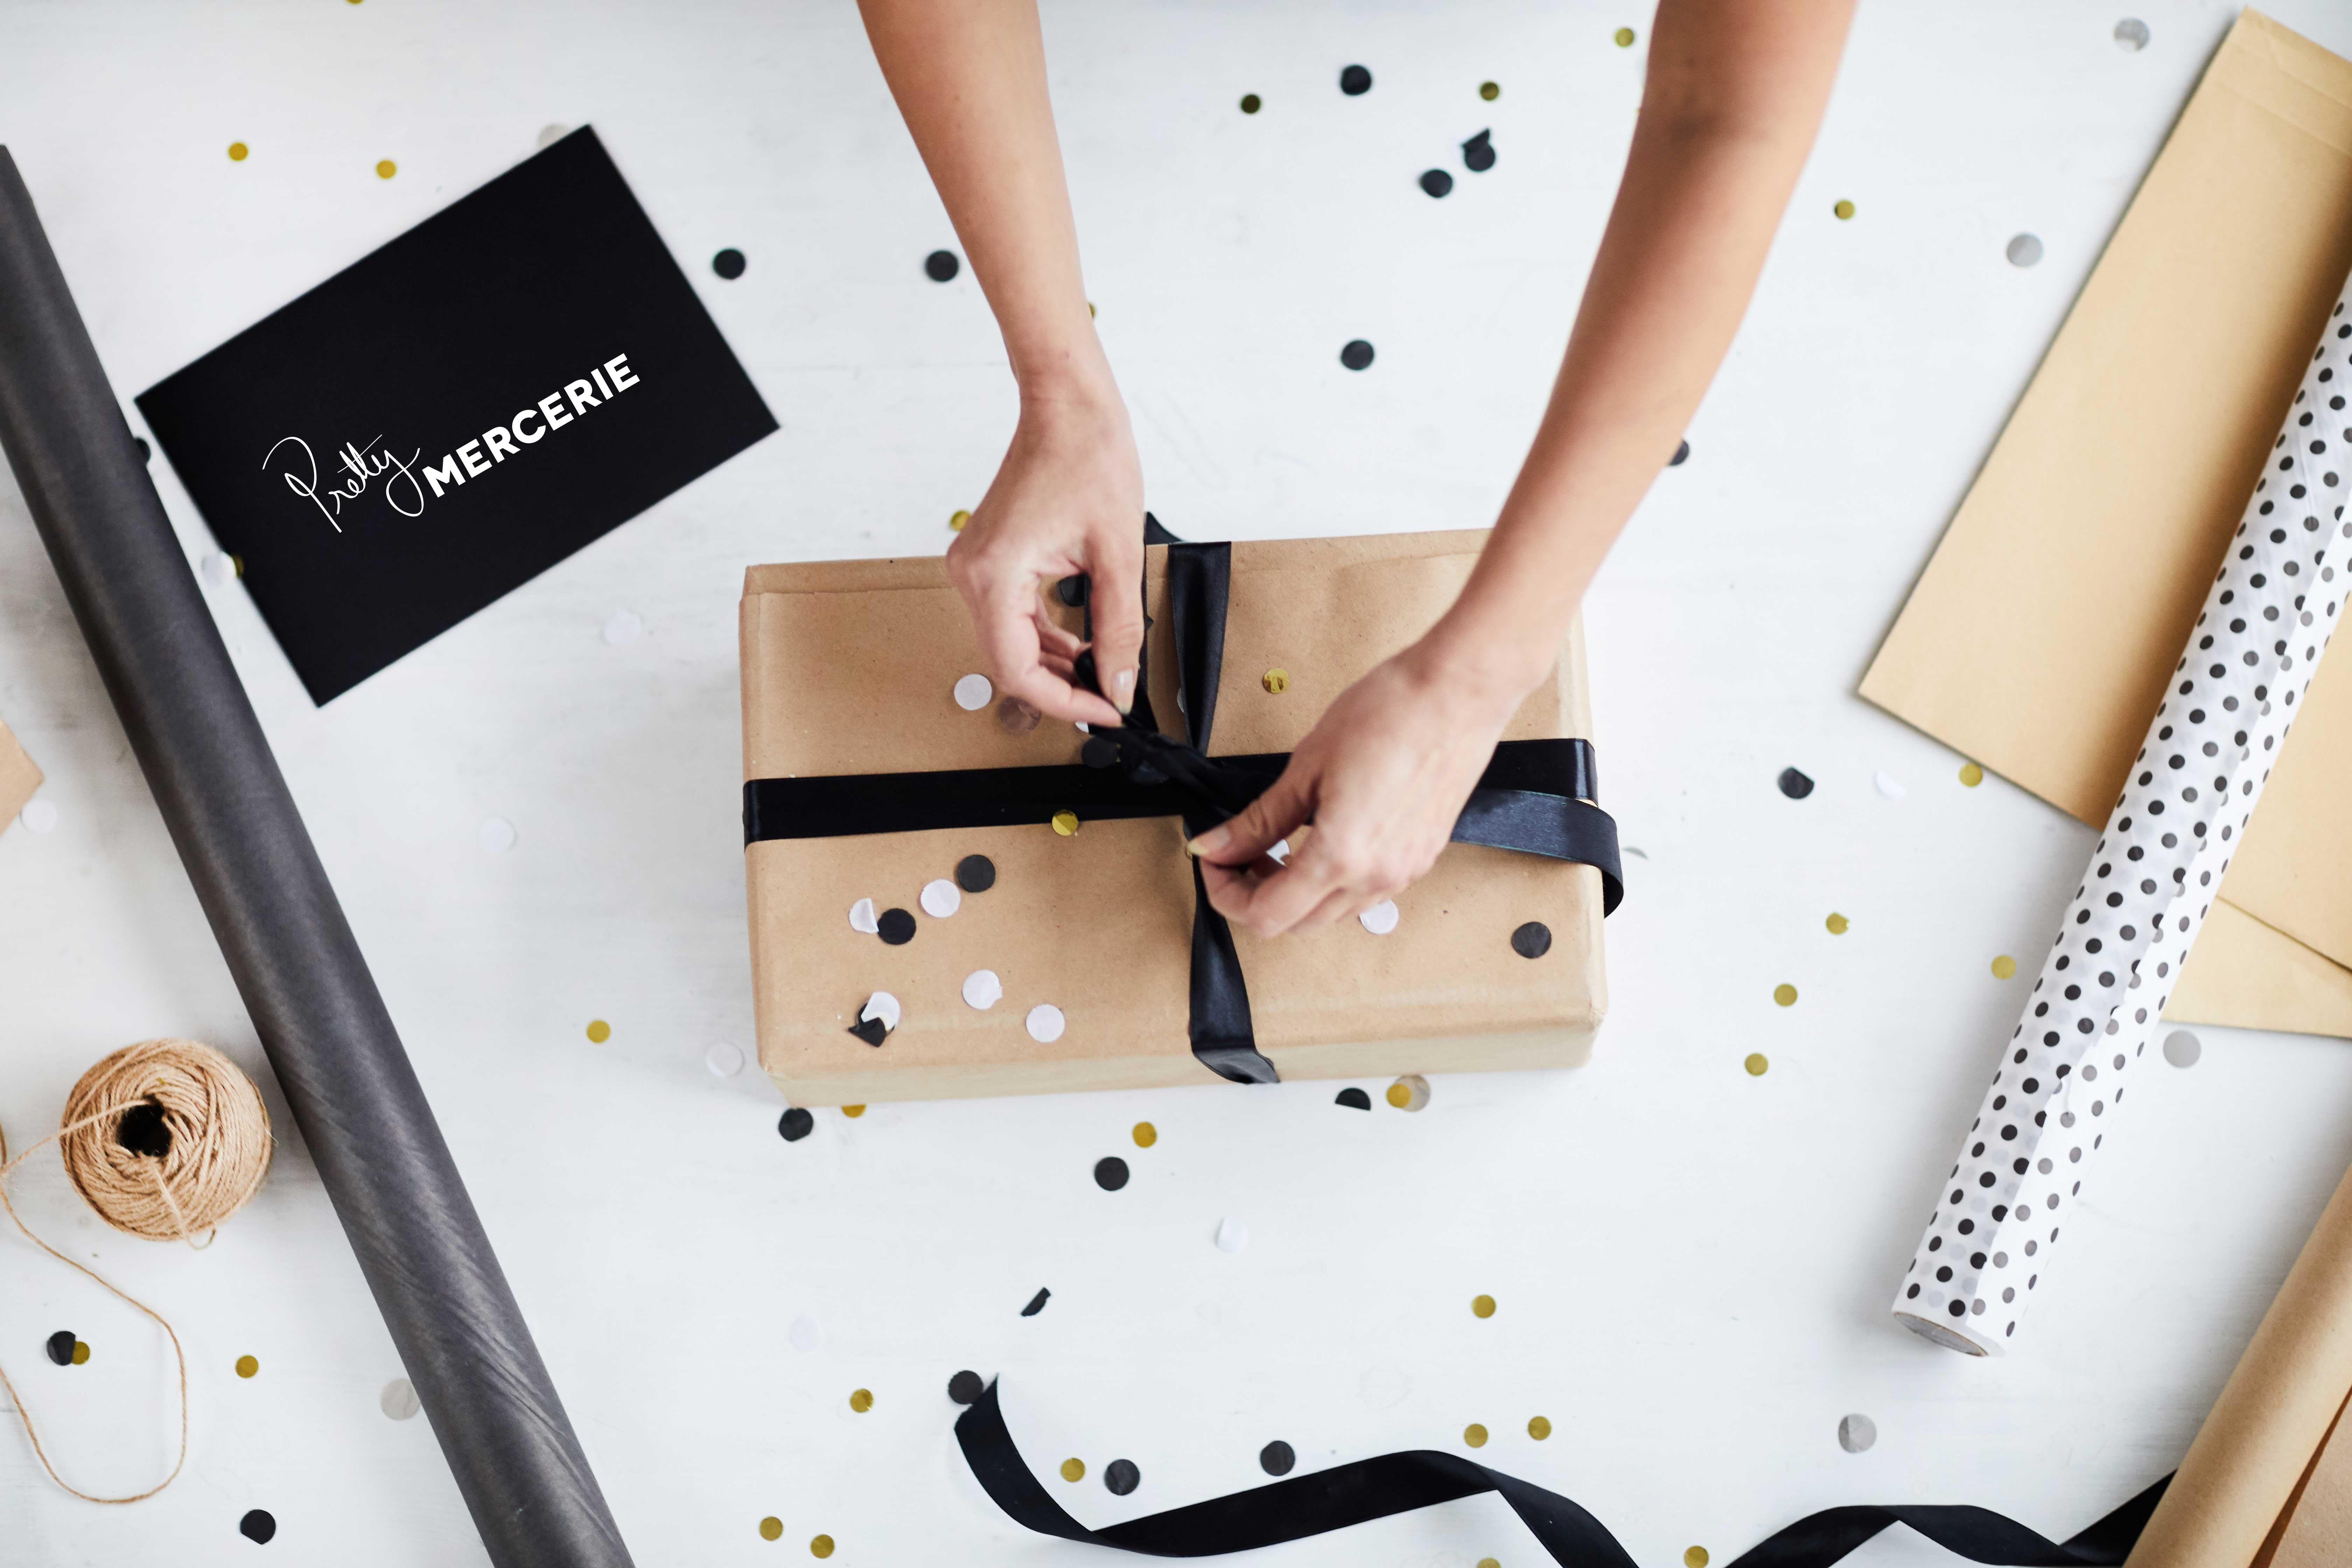 offrez-une-carte-cadeau-pretty-mercerie-à-vos-proches-accrocs-à-la-couture.jpg